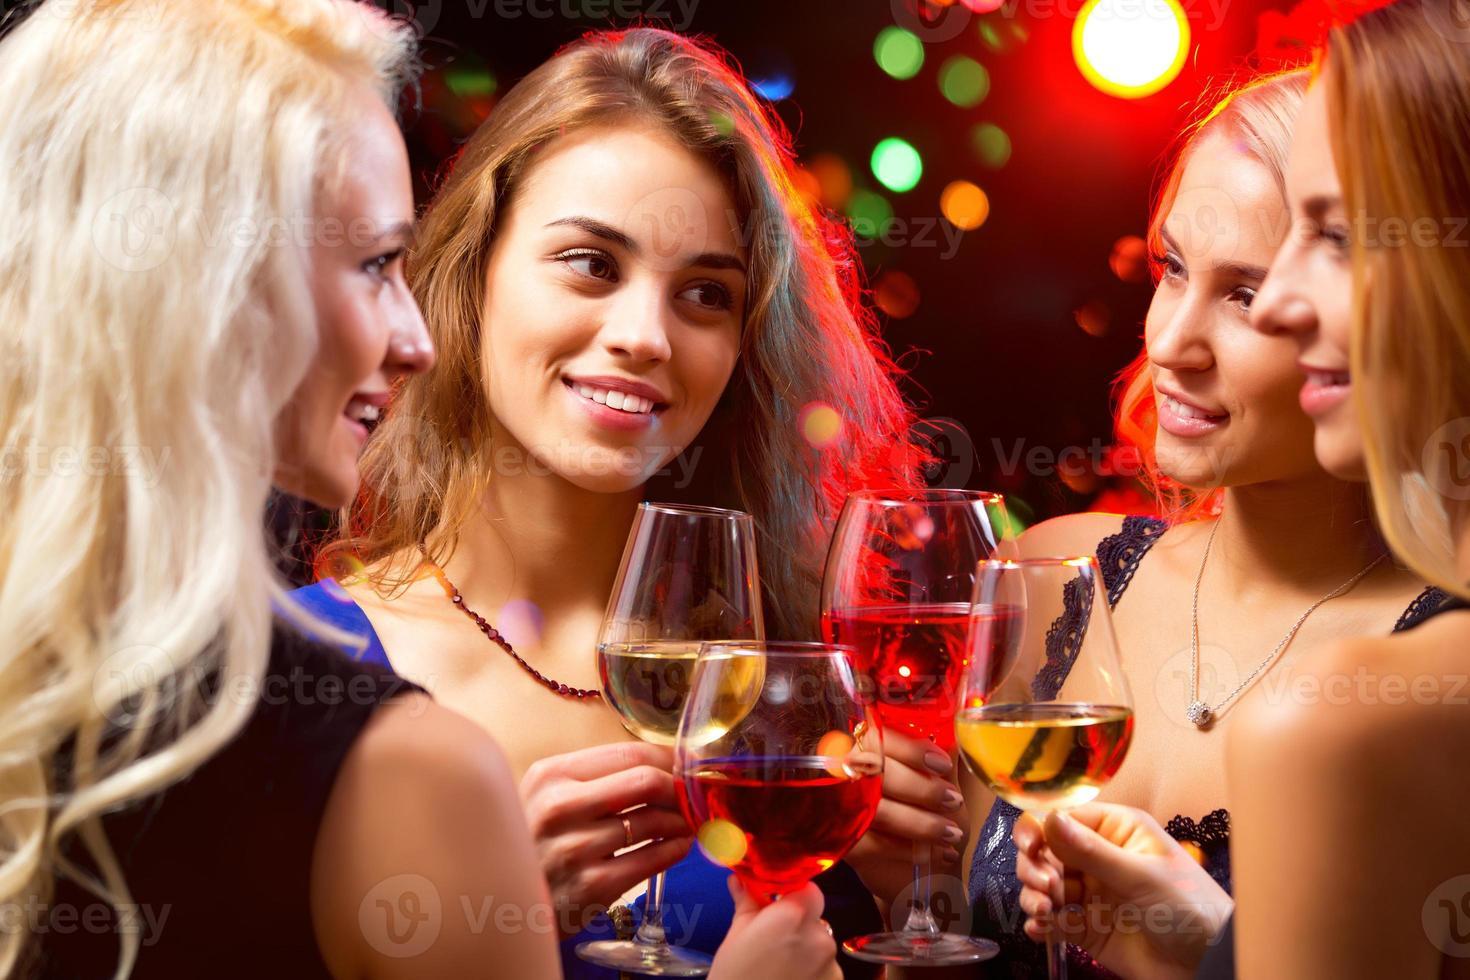 kvinnors händer med kristallglas vin foto